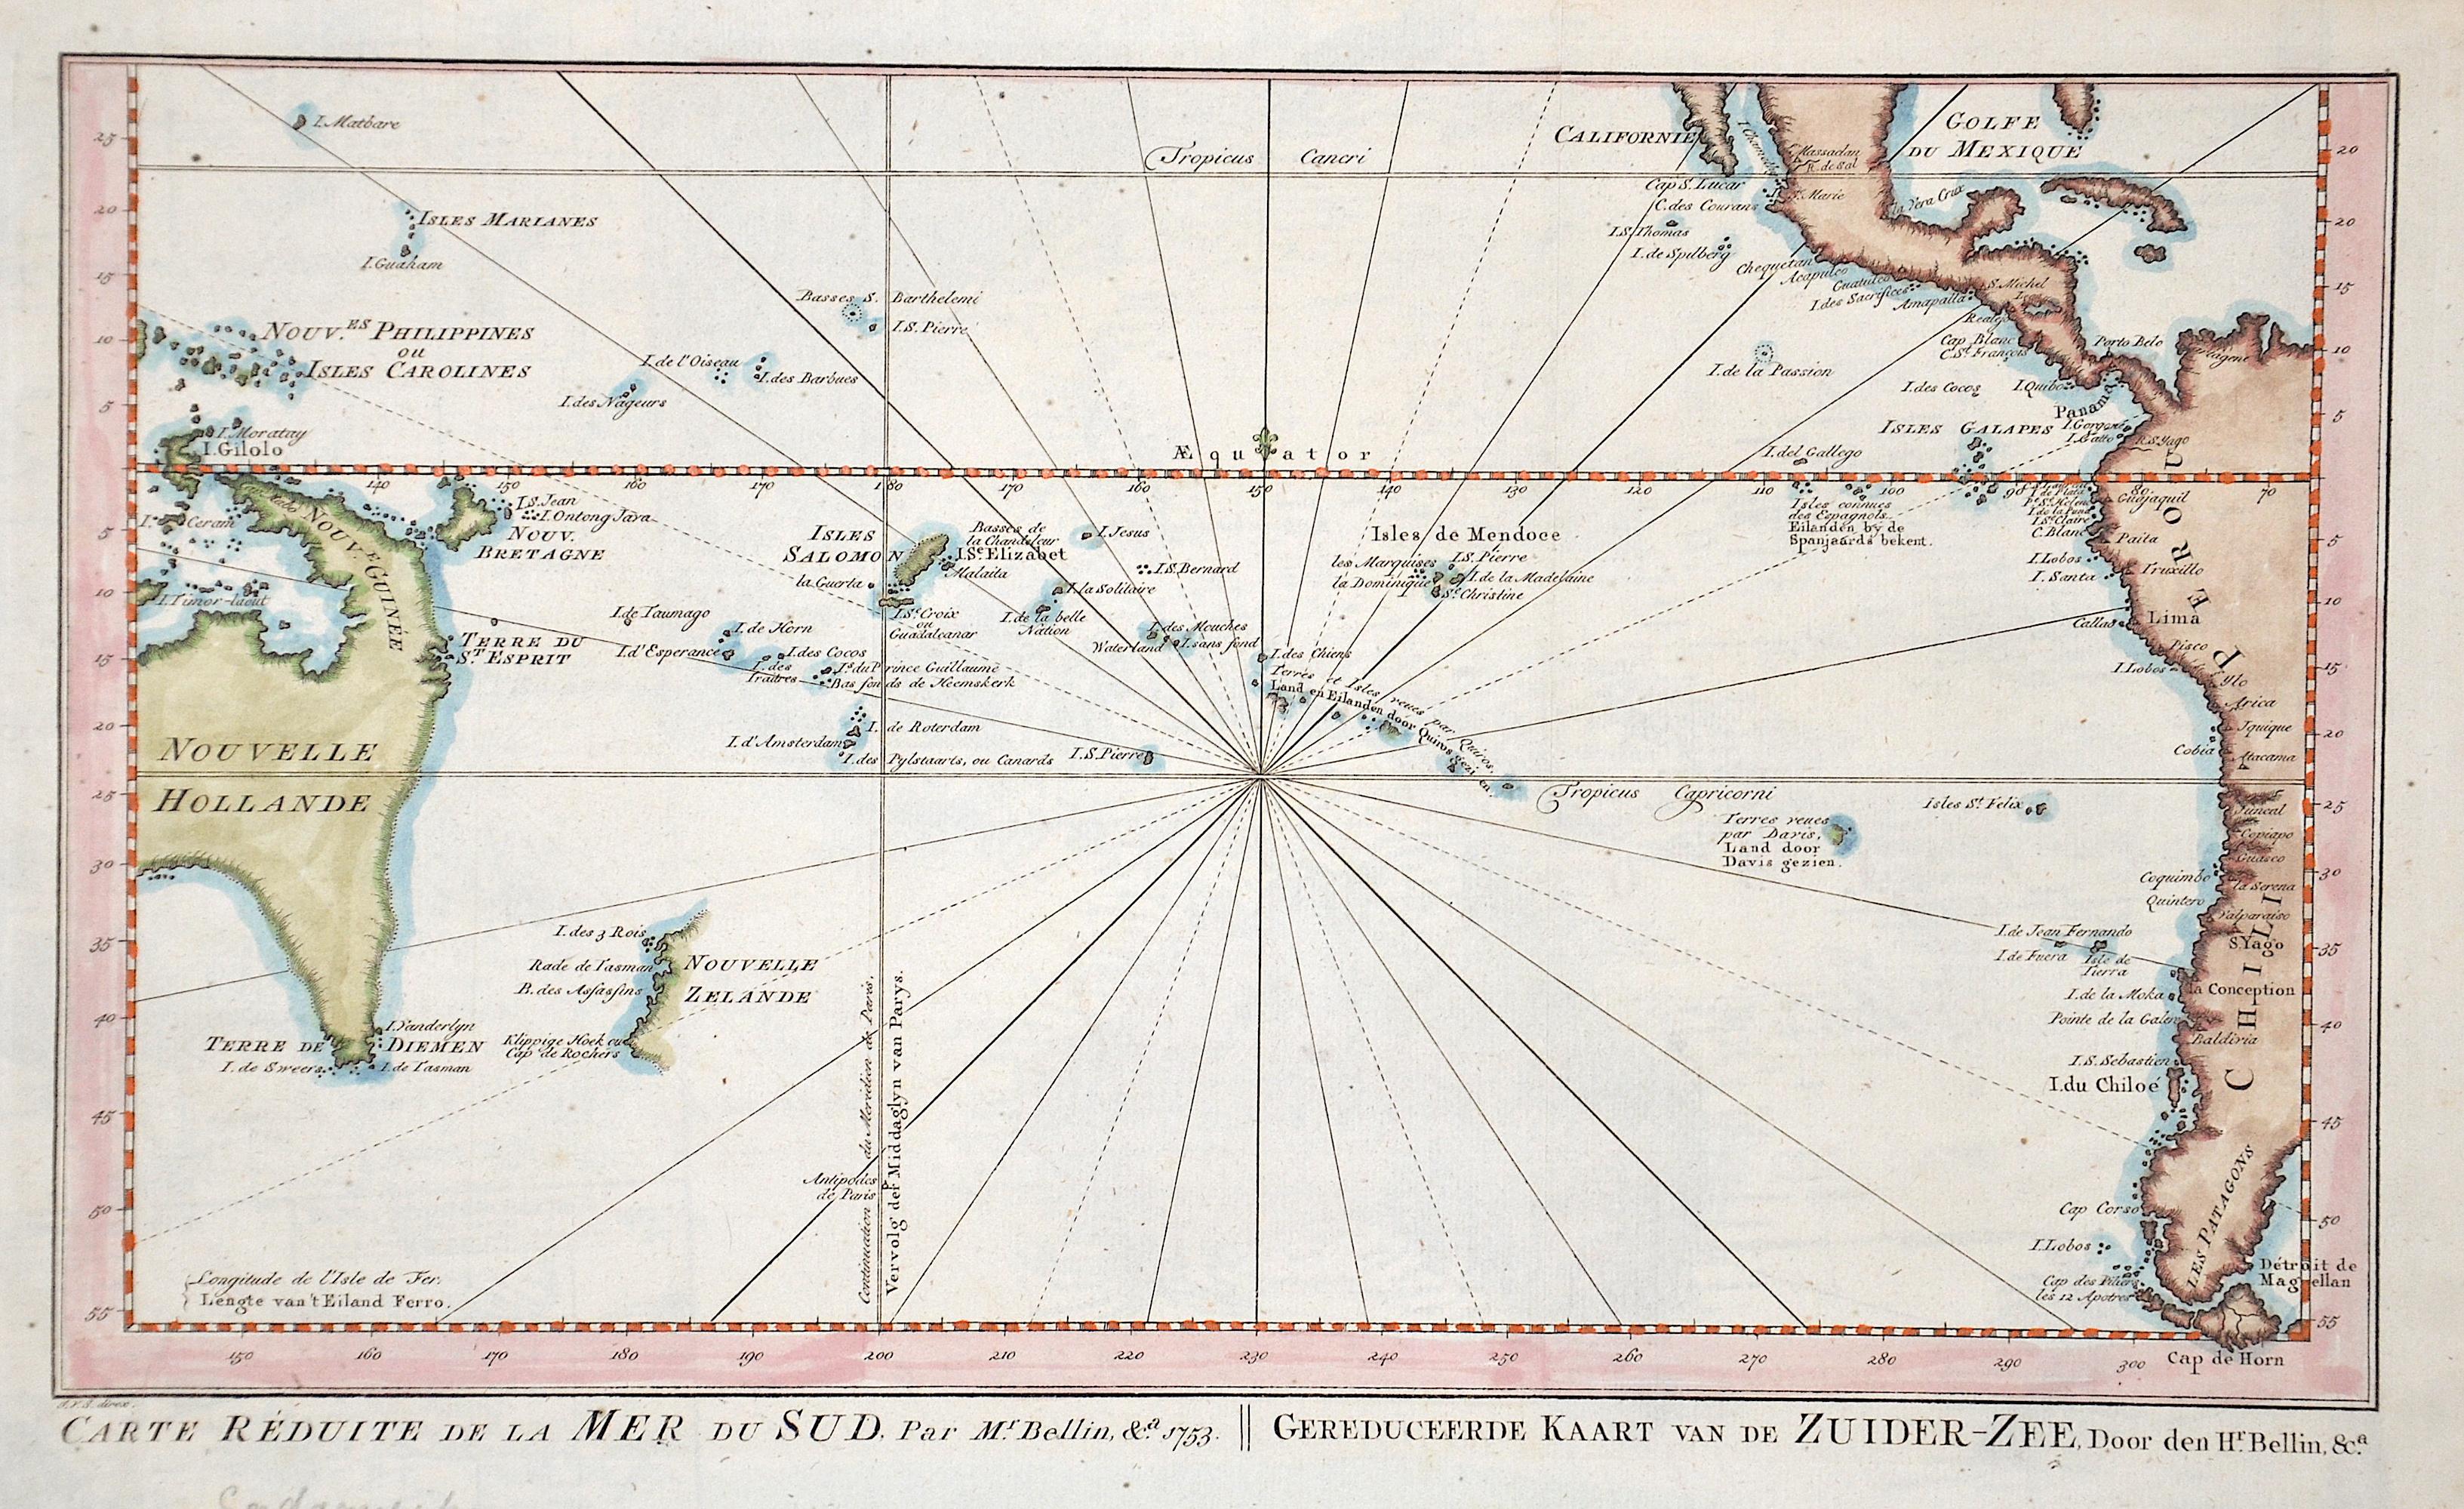 Bellin  Carte Reduite de la Mer du Sud, Par Mr. Bellin / Gereduceerde Kaart van de Zuider-Zee, Door den Hr. Bellin